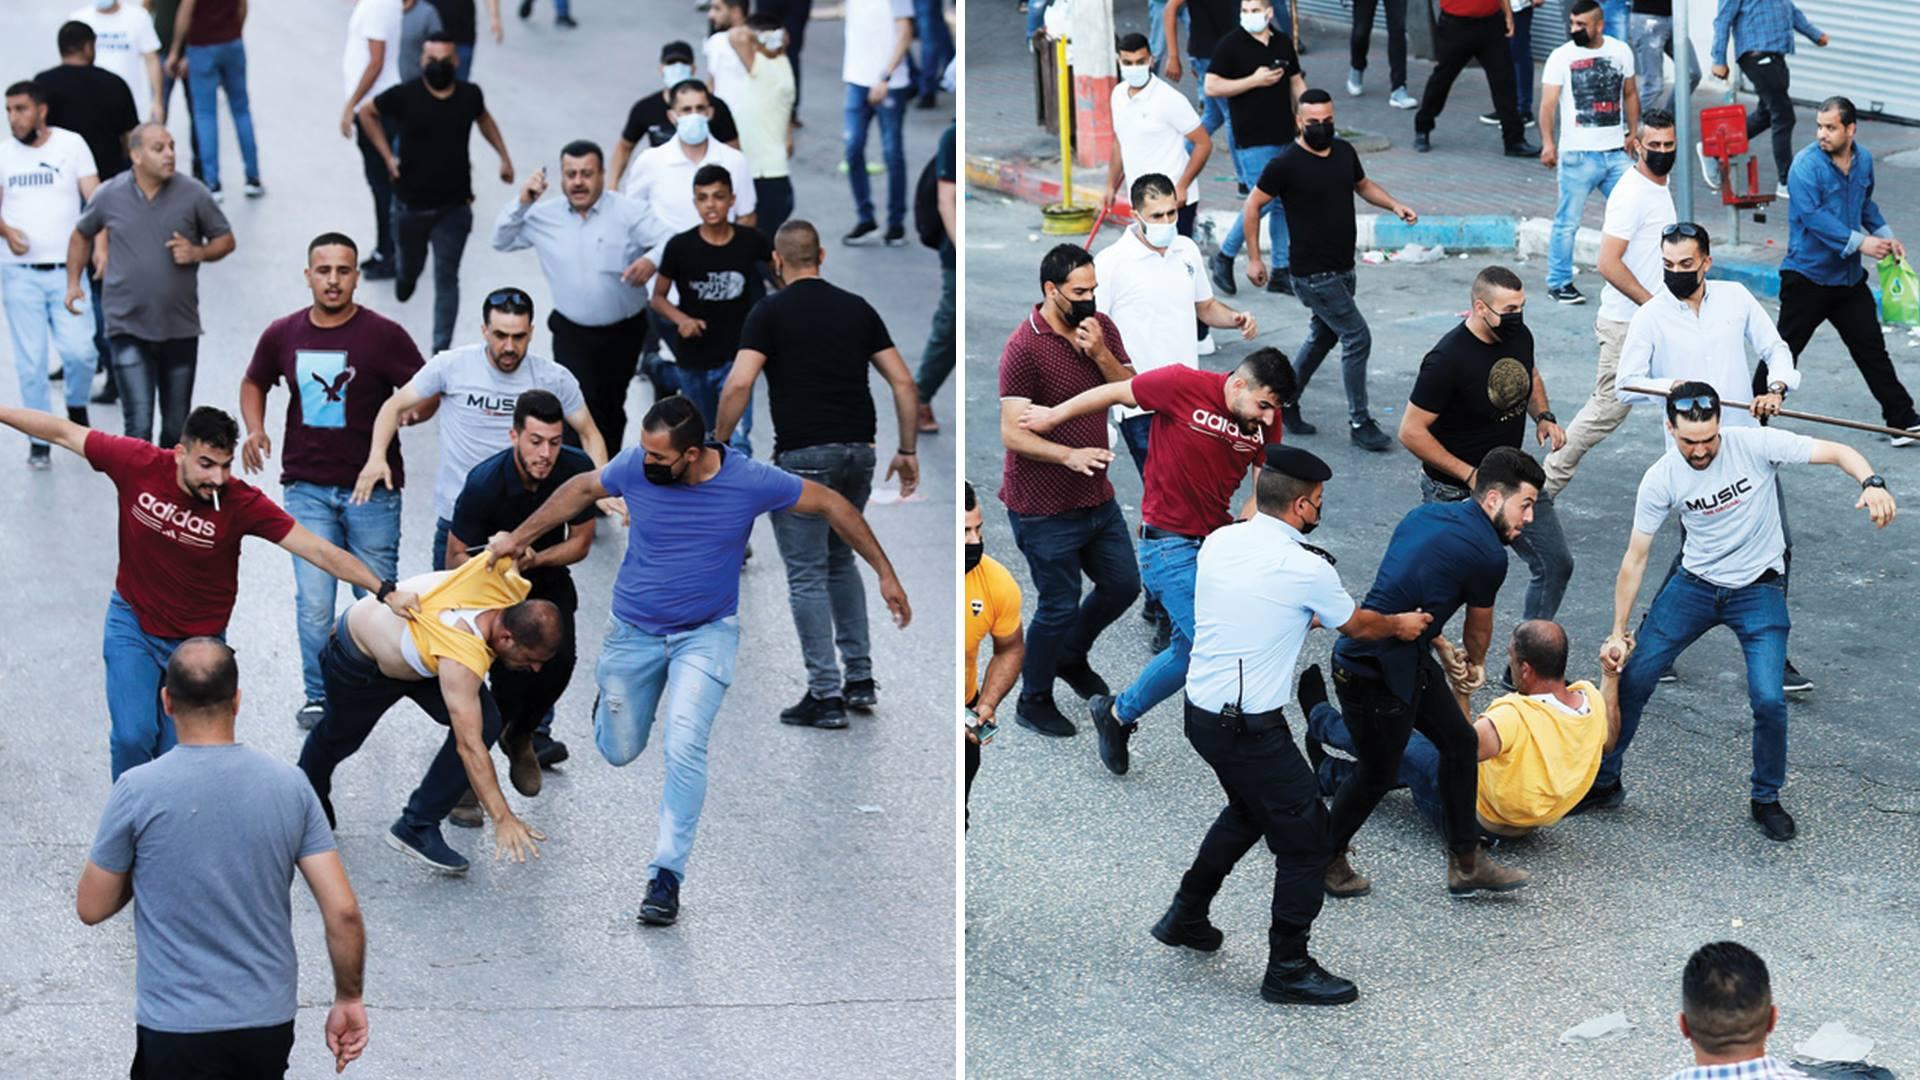 صحيفة: السلطة استعانت بخبرات النظام المصري لقمع التظاهرات المنددة باغتيال نزار بنات